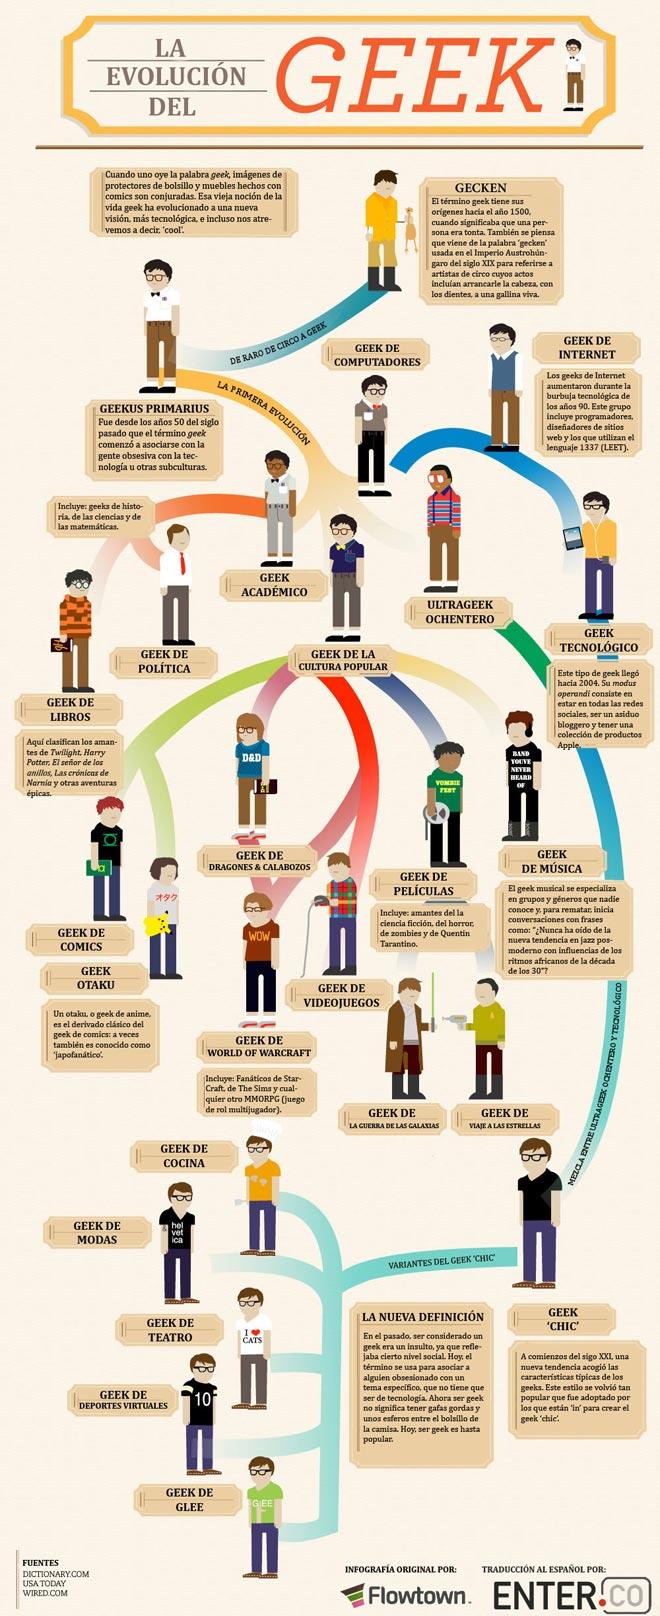 La evolución del geek